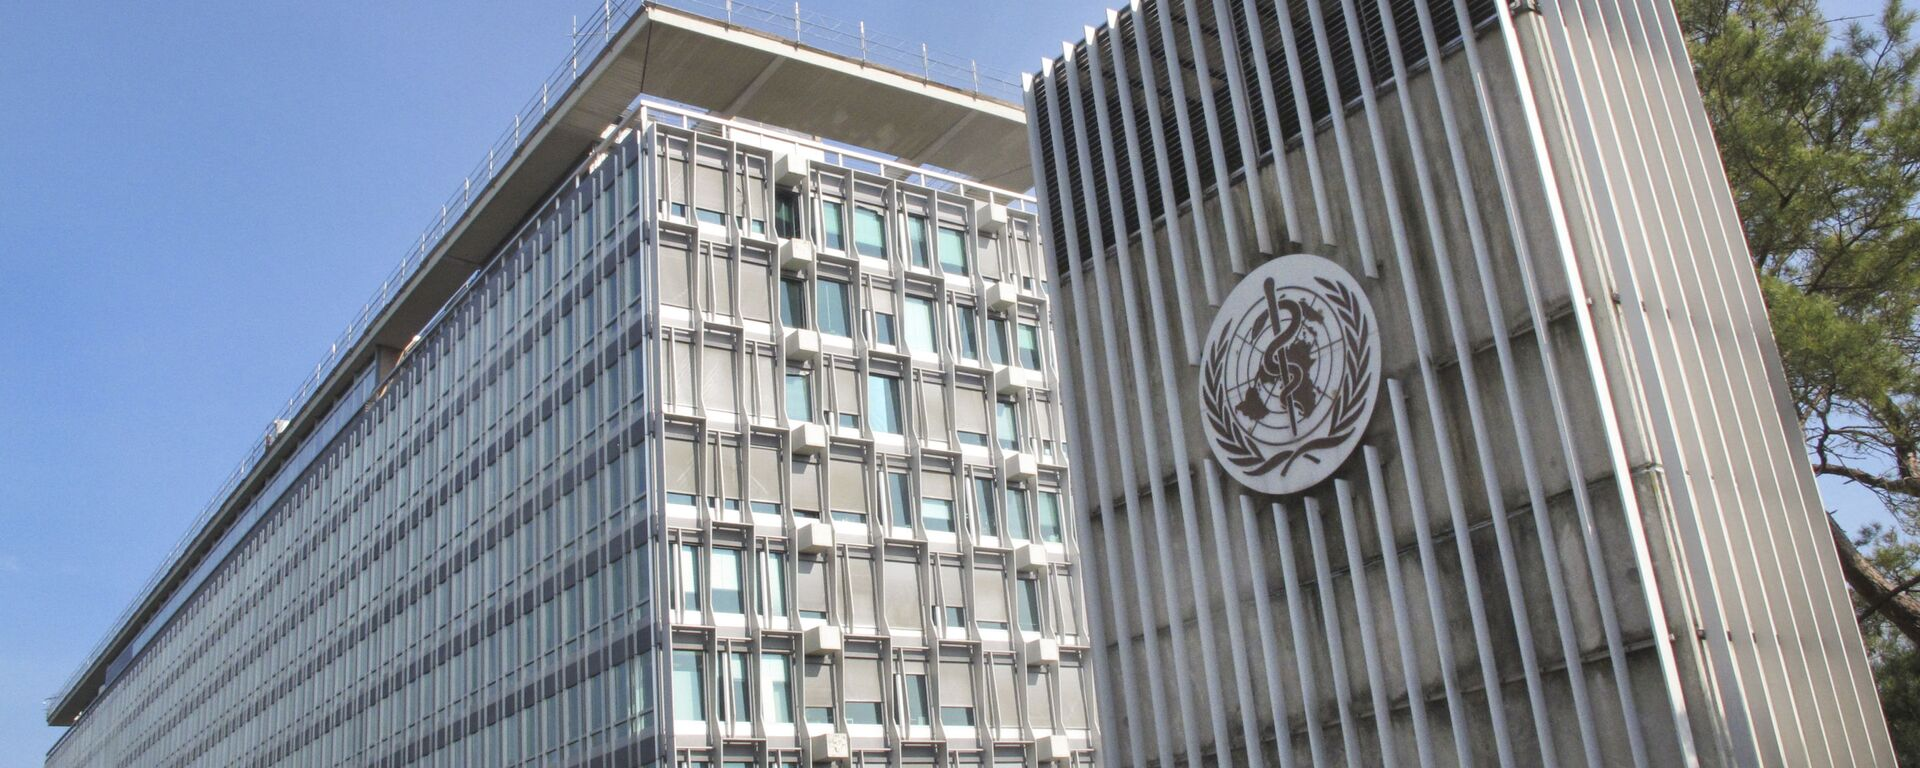 il quartier generale dell'OMS a Ginevra - Sputnik Italia, 1920, 01.06.2021